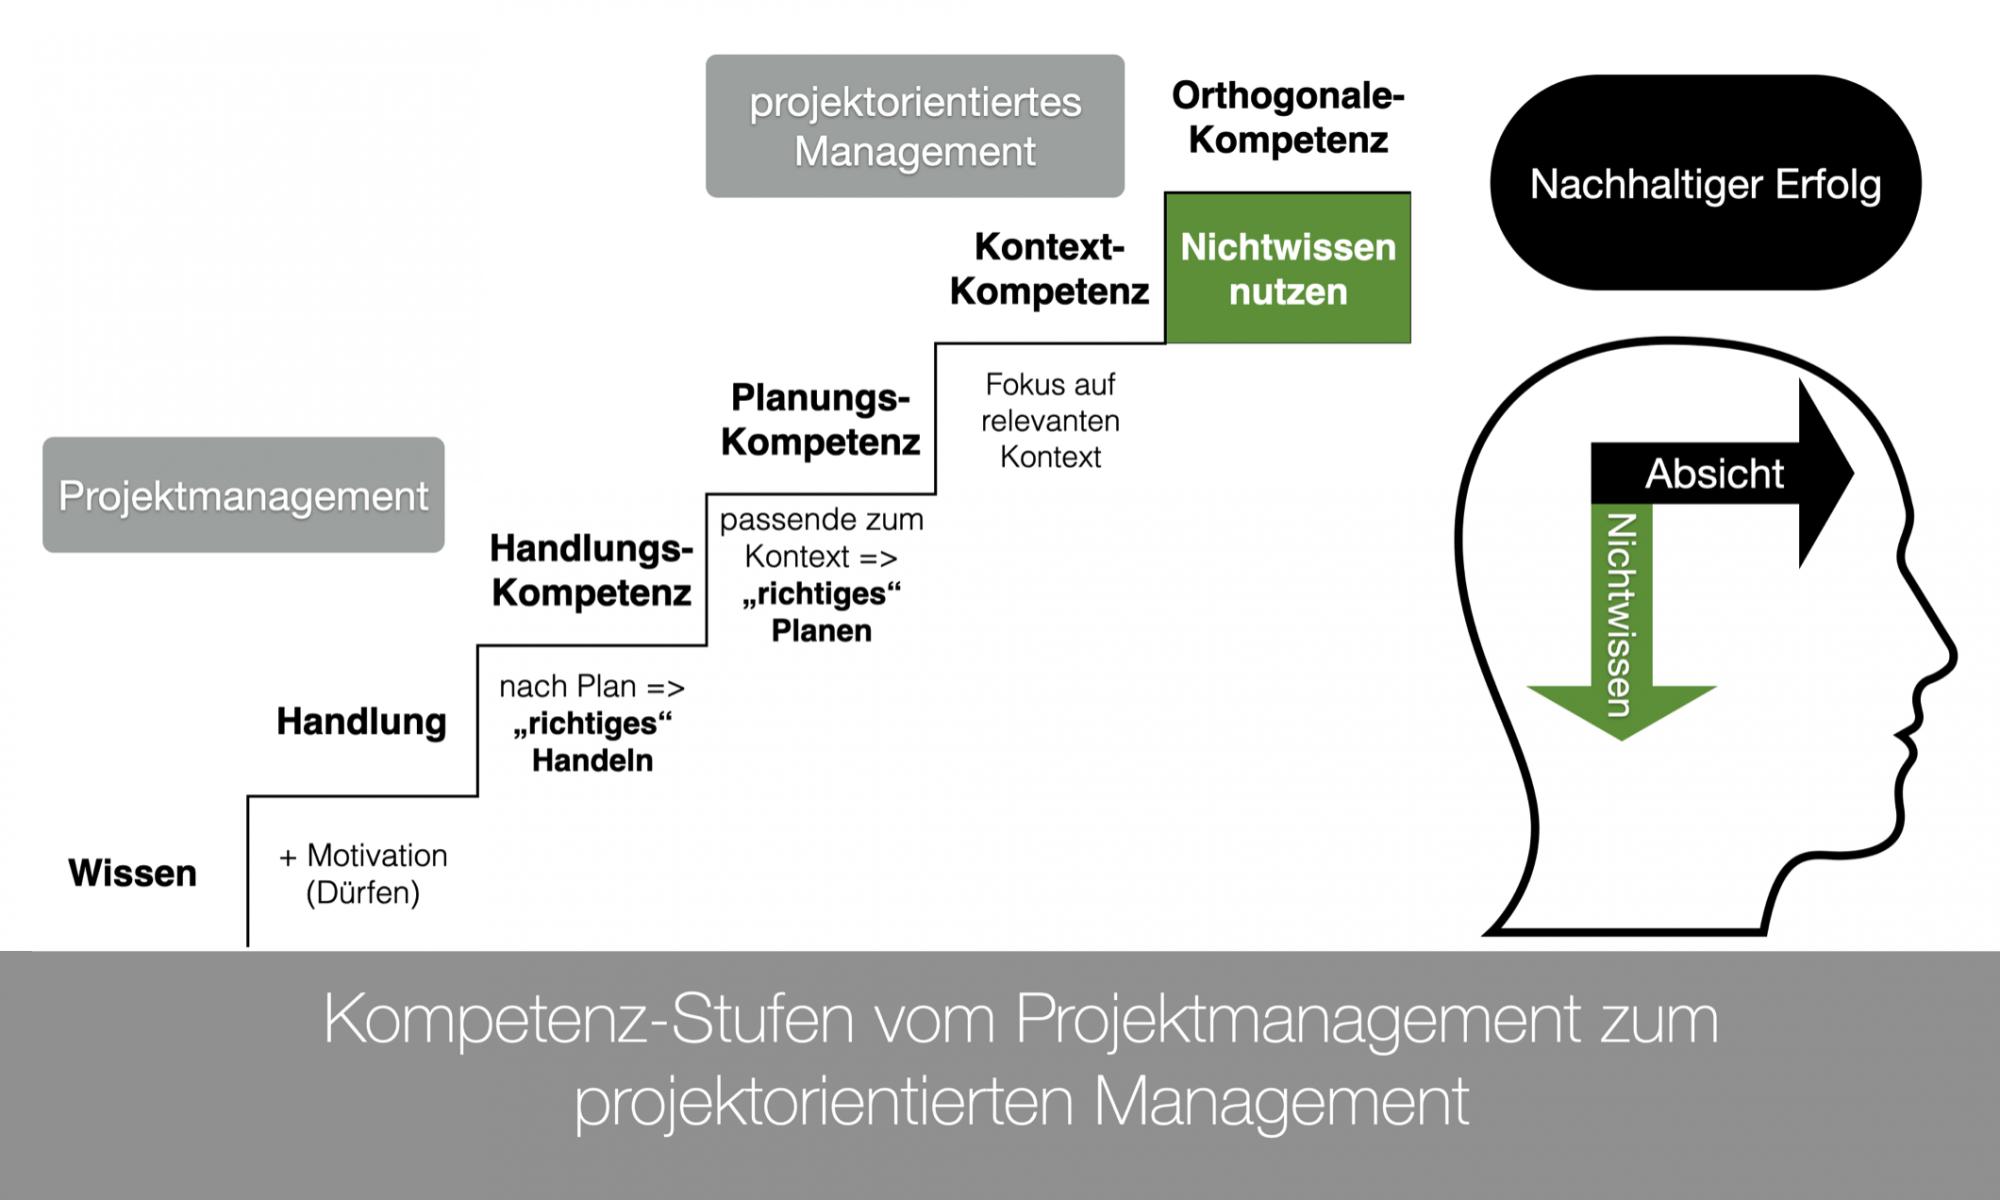 Kompetenz-Stufen-vom-Projektmanagement-projektorientierten-Management